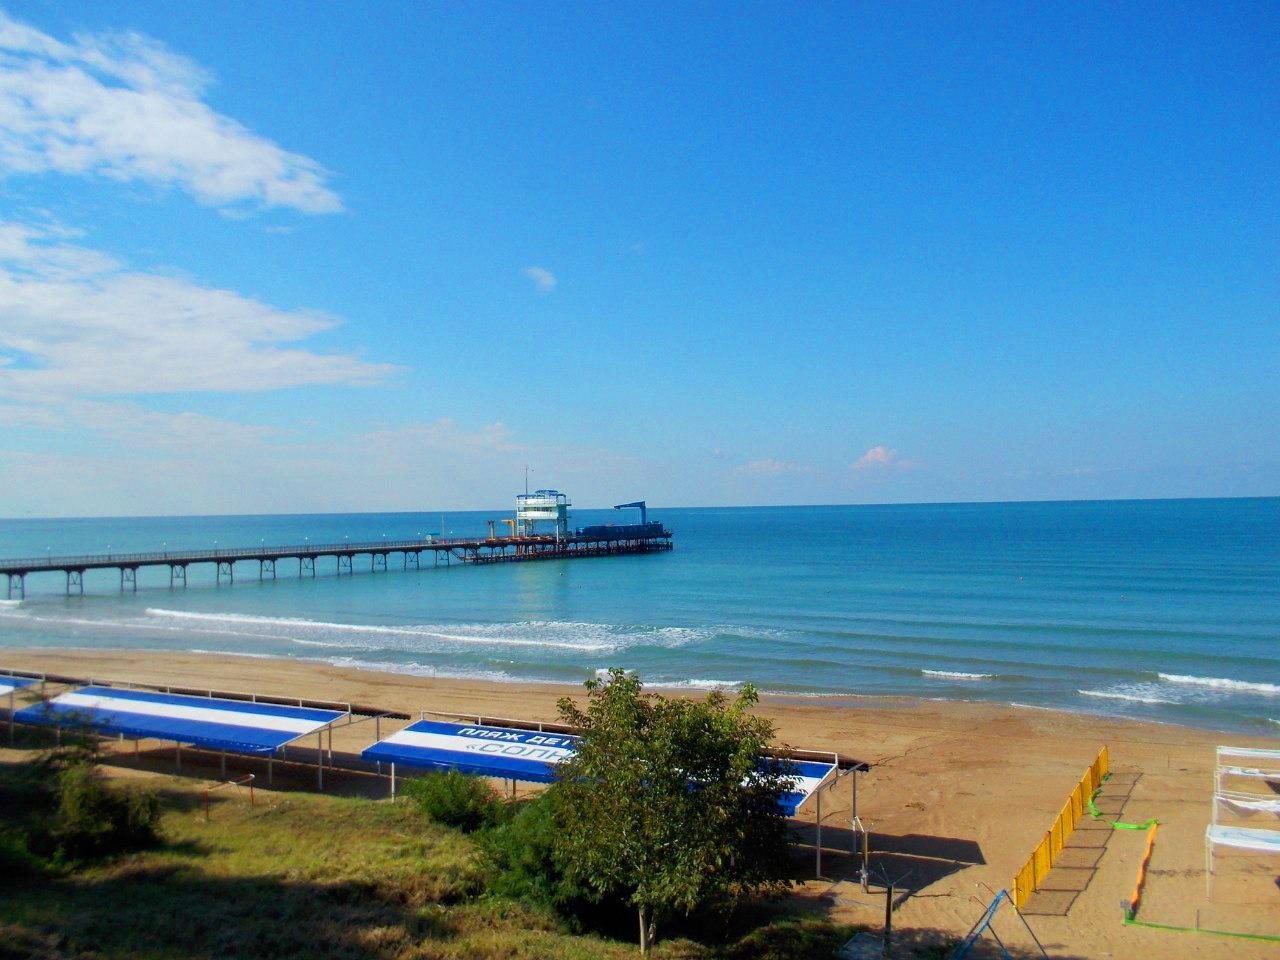 Пляж орленок лермонтово фото